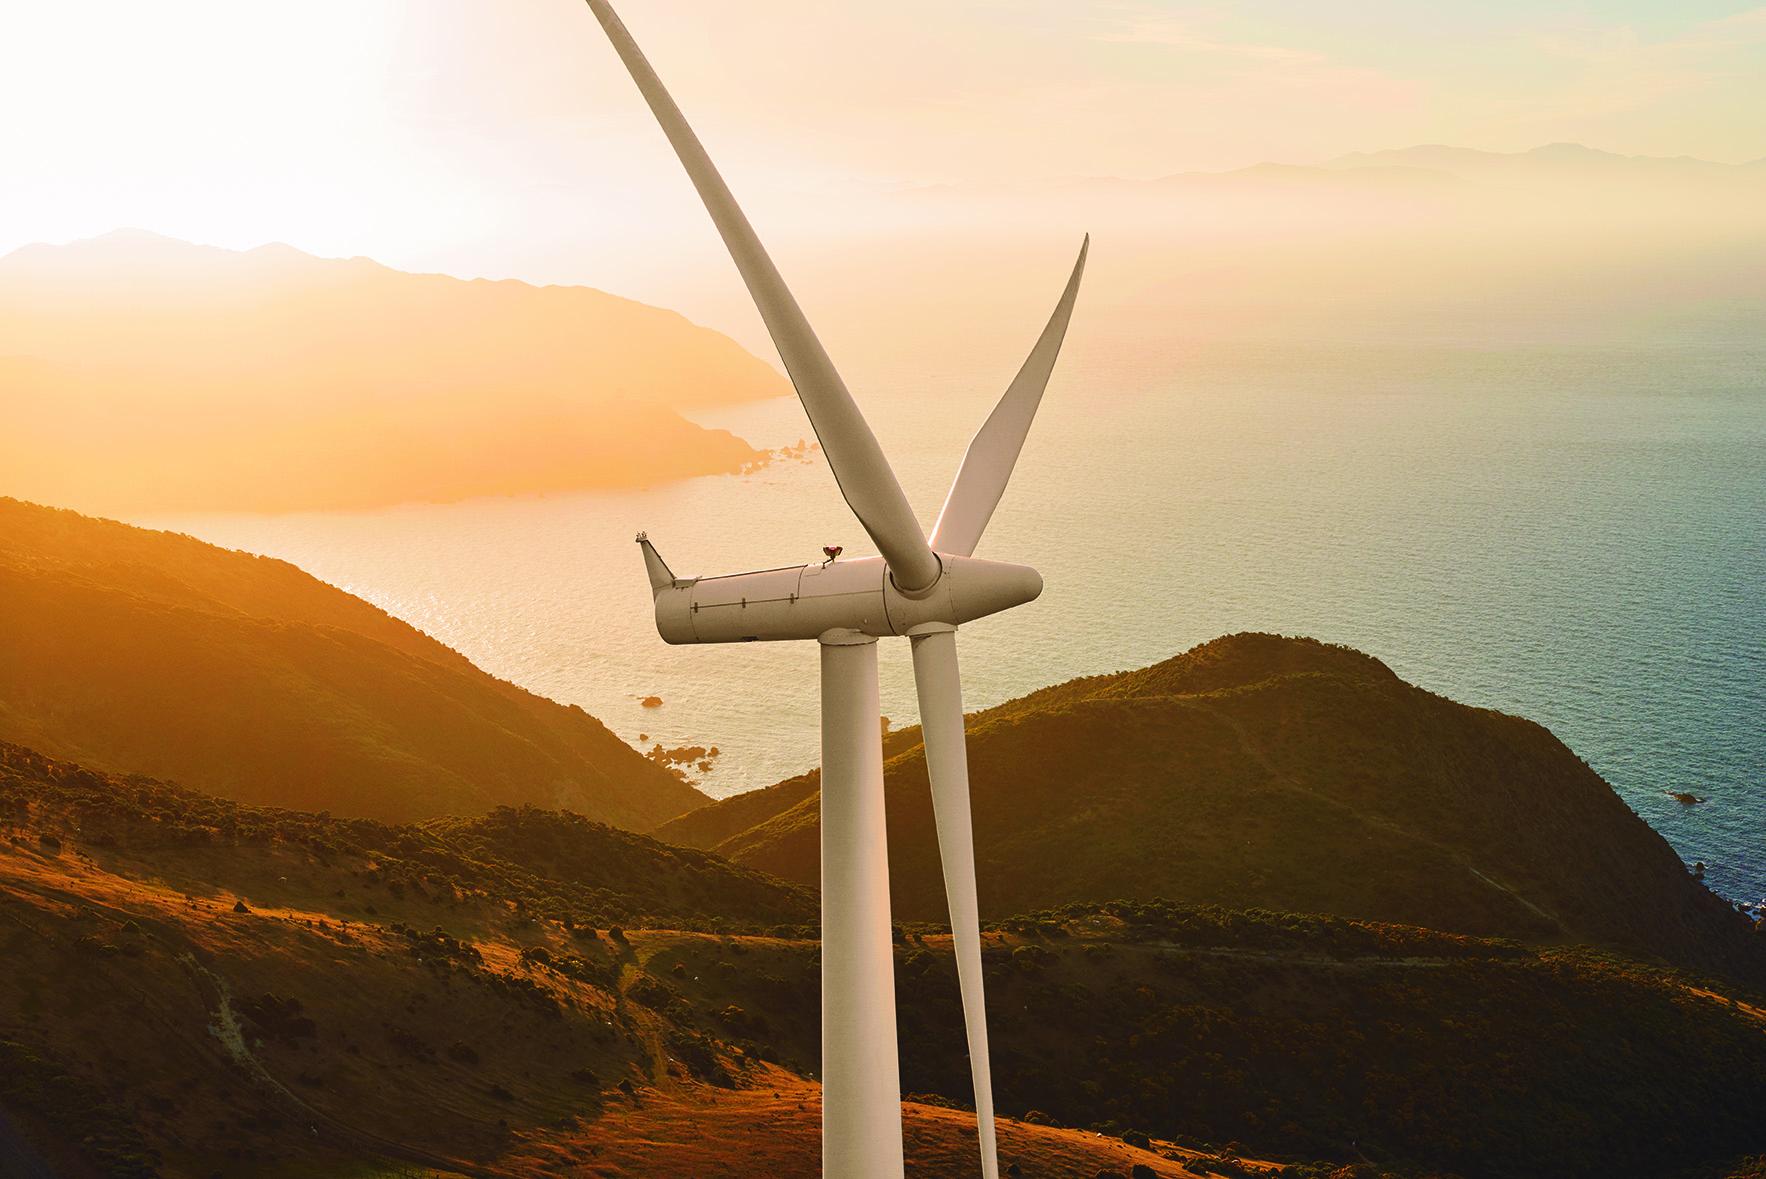 EnergyMakaraWindFarm